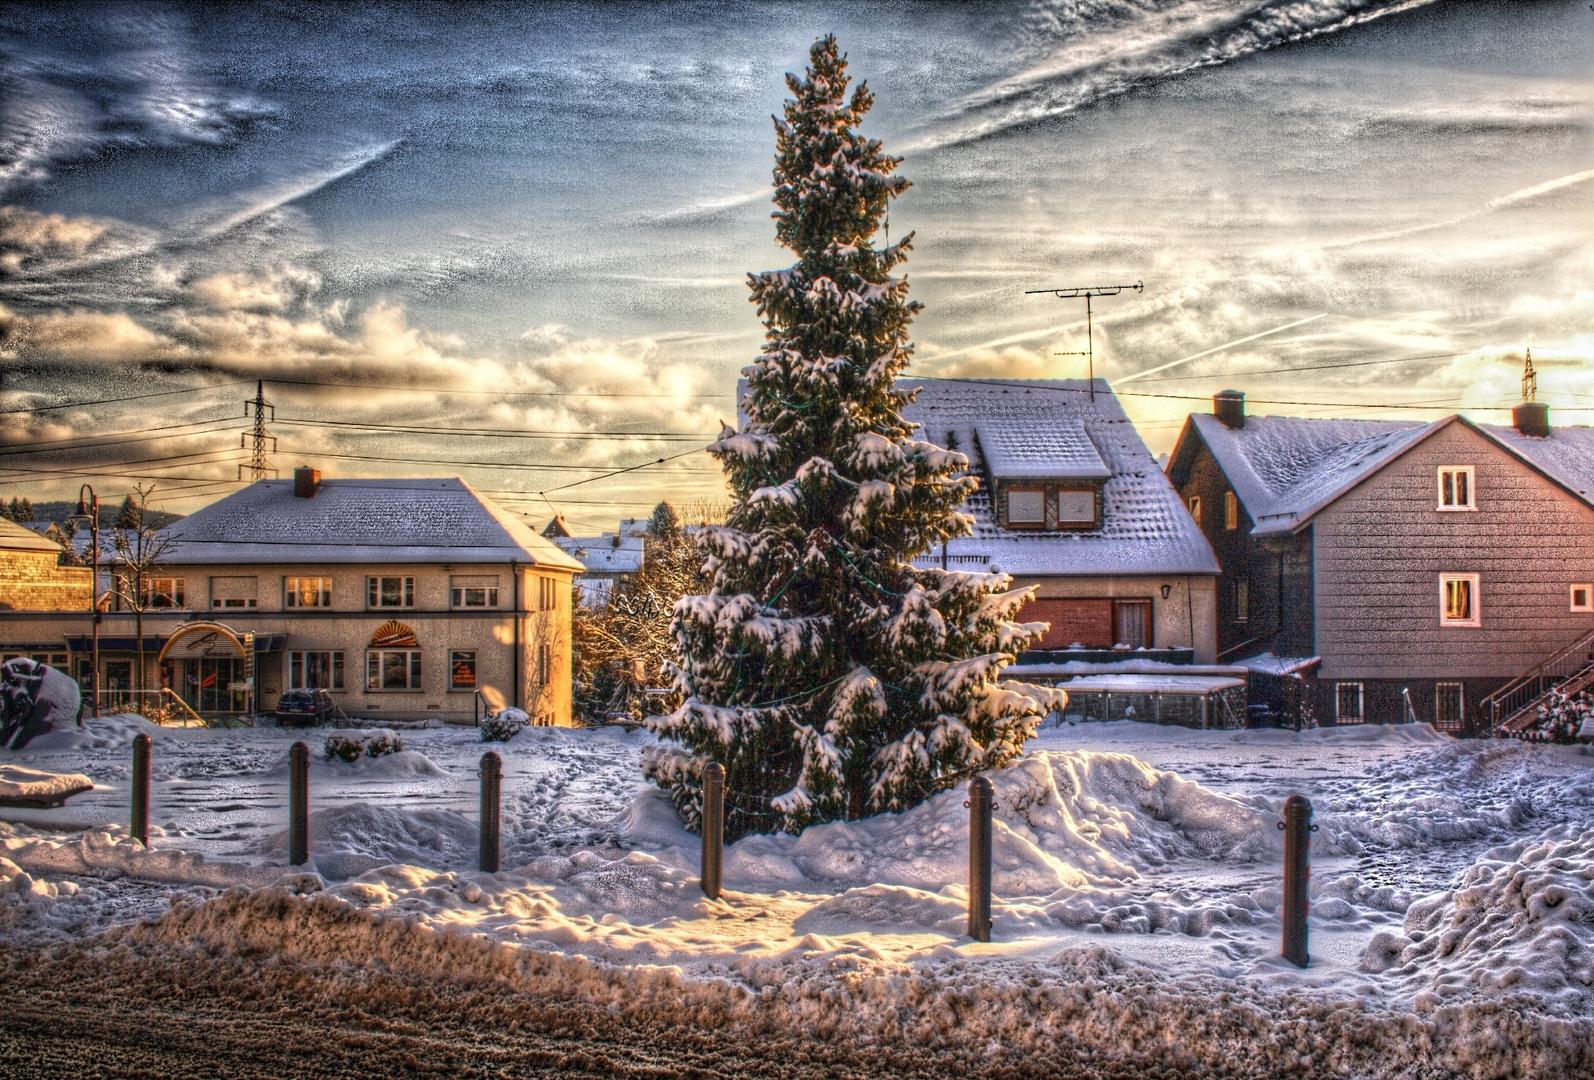 Synagogenplatz Hamm im Winter - HDR